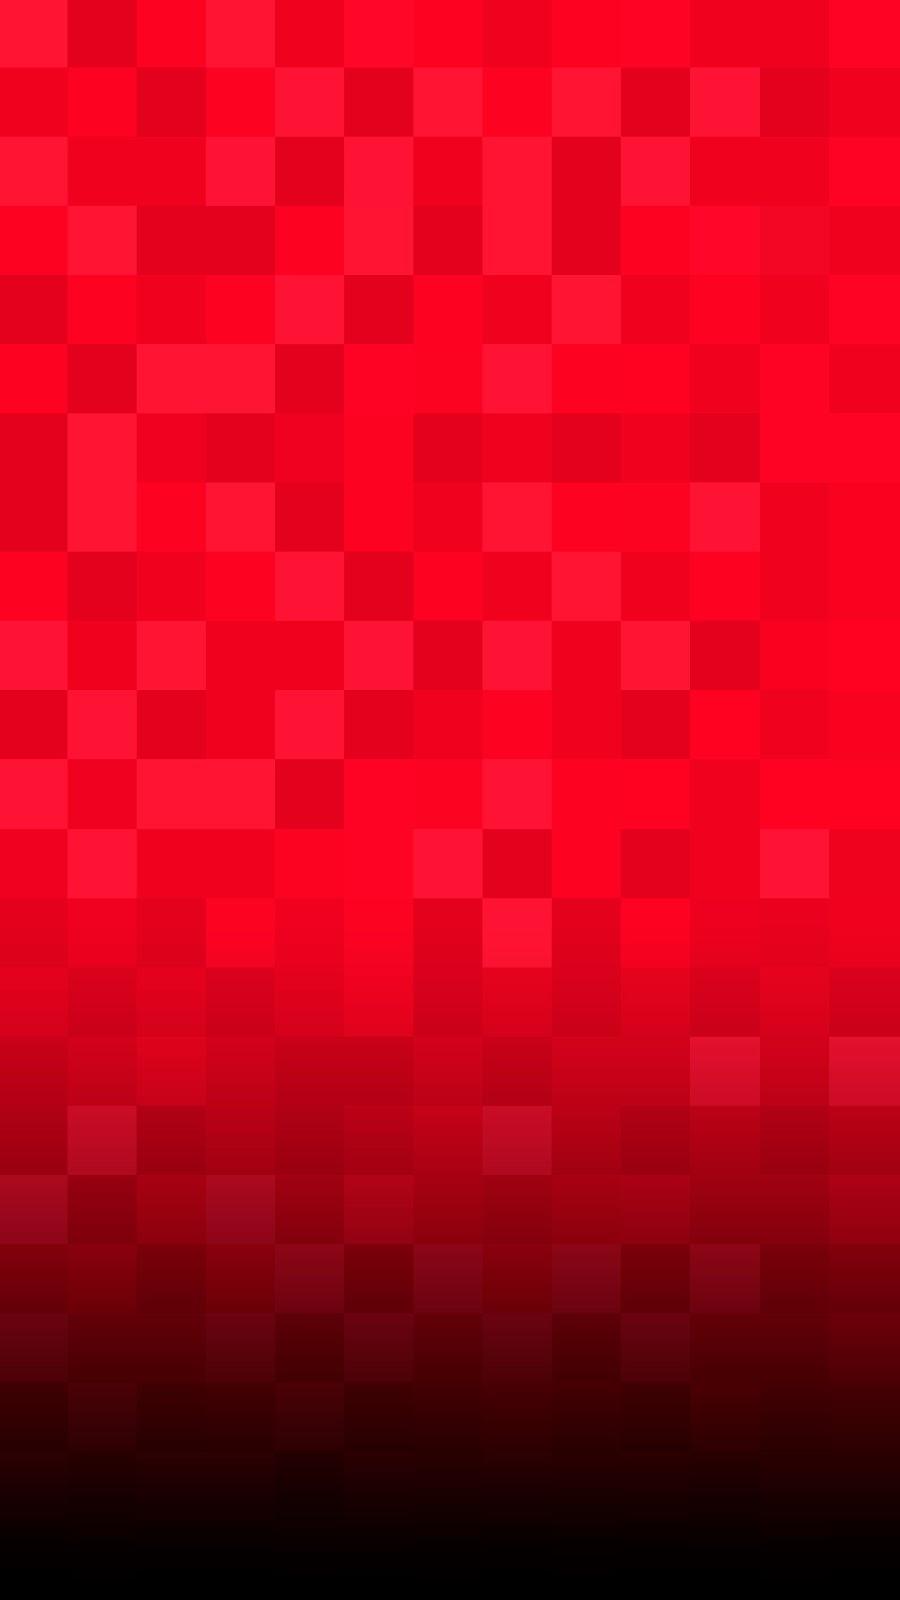 HD tapety na telefon za darmo ~ TAPETY NA TELEFON  4.7 cali, 5 cali